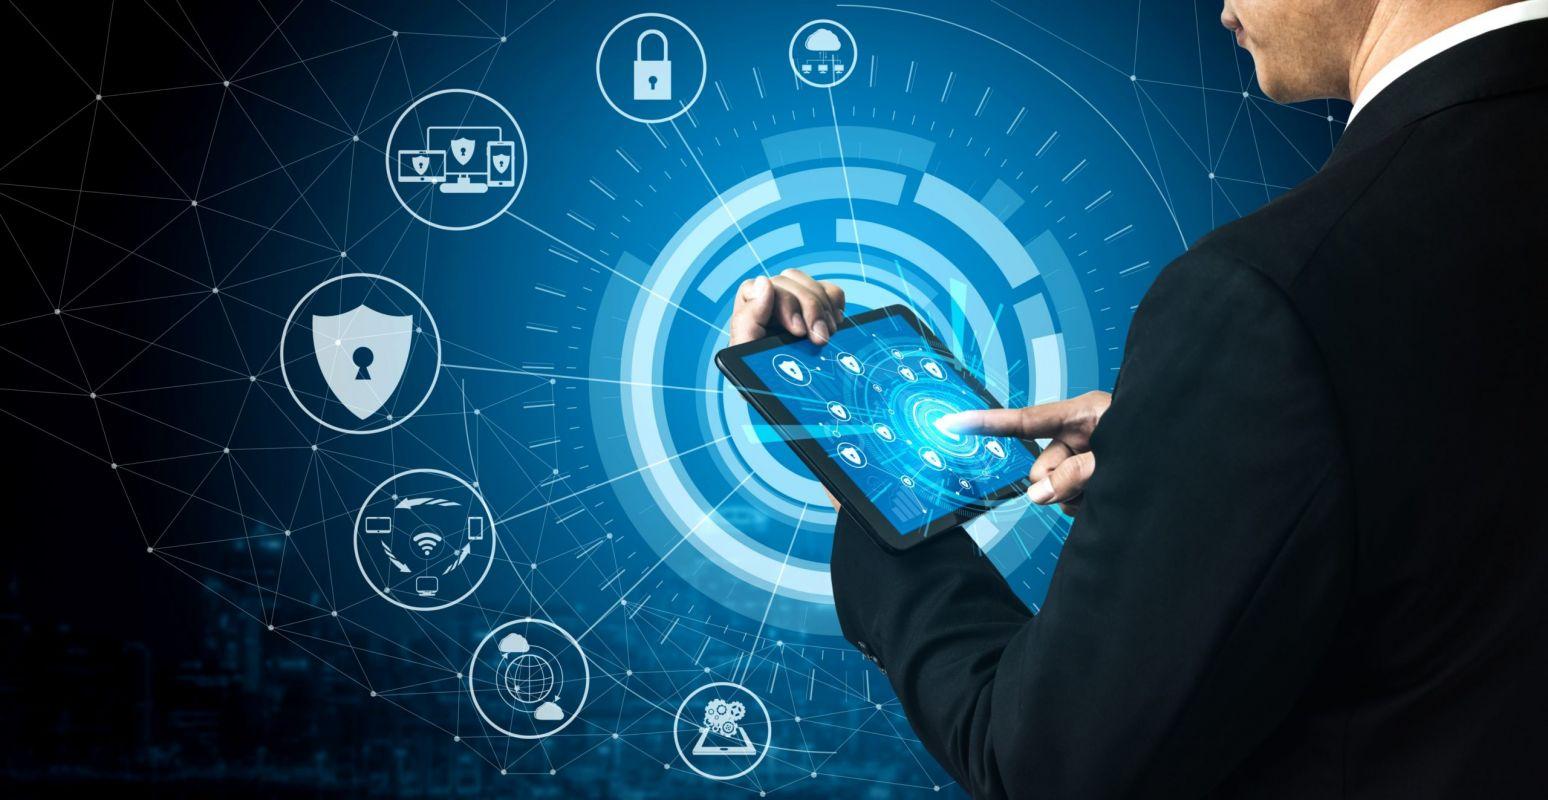 Alta de sequestro de dados aumenta a busca por profissionais de cibersegurança